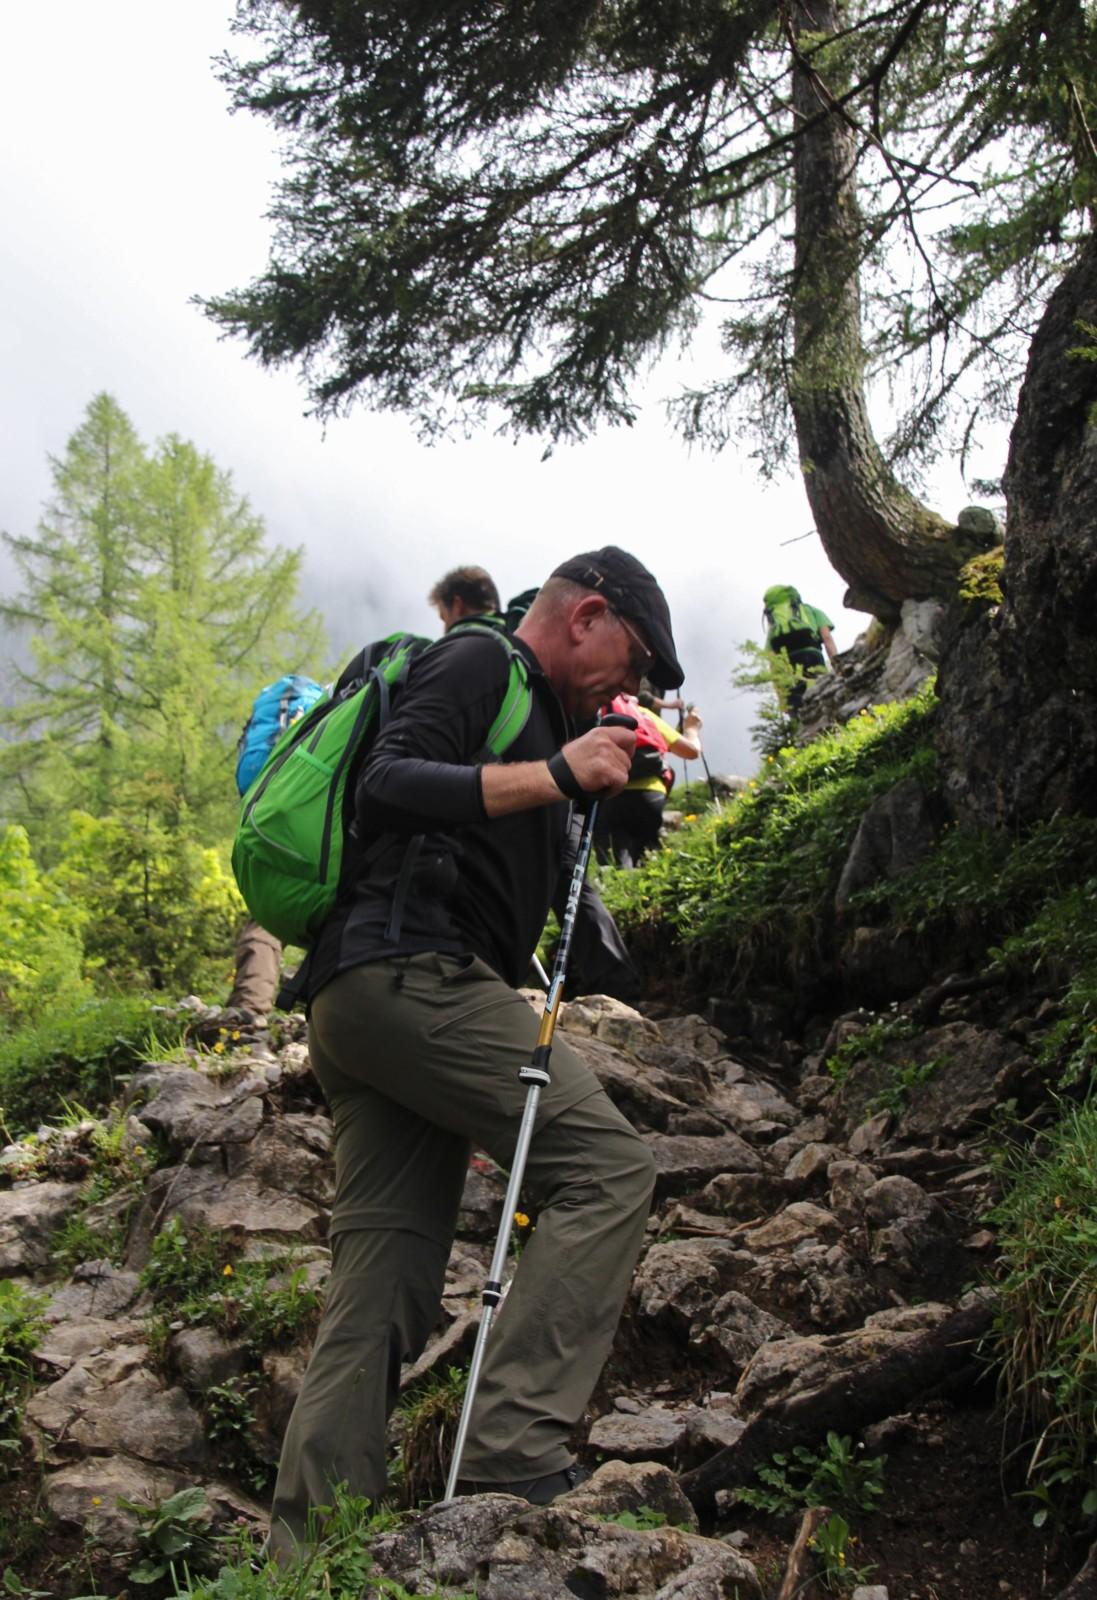 Gemütlich die Bergwelt entdecken